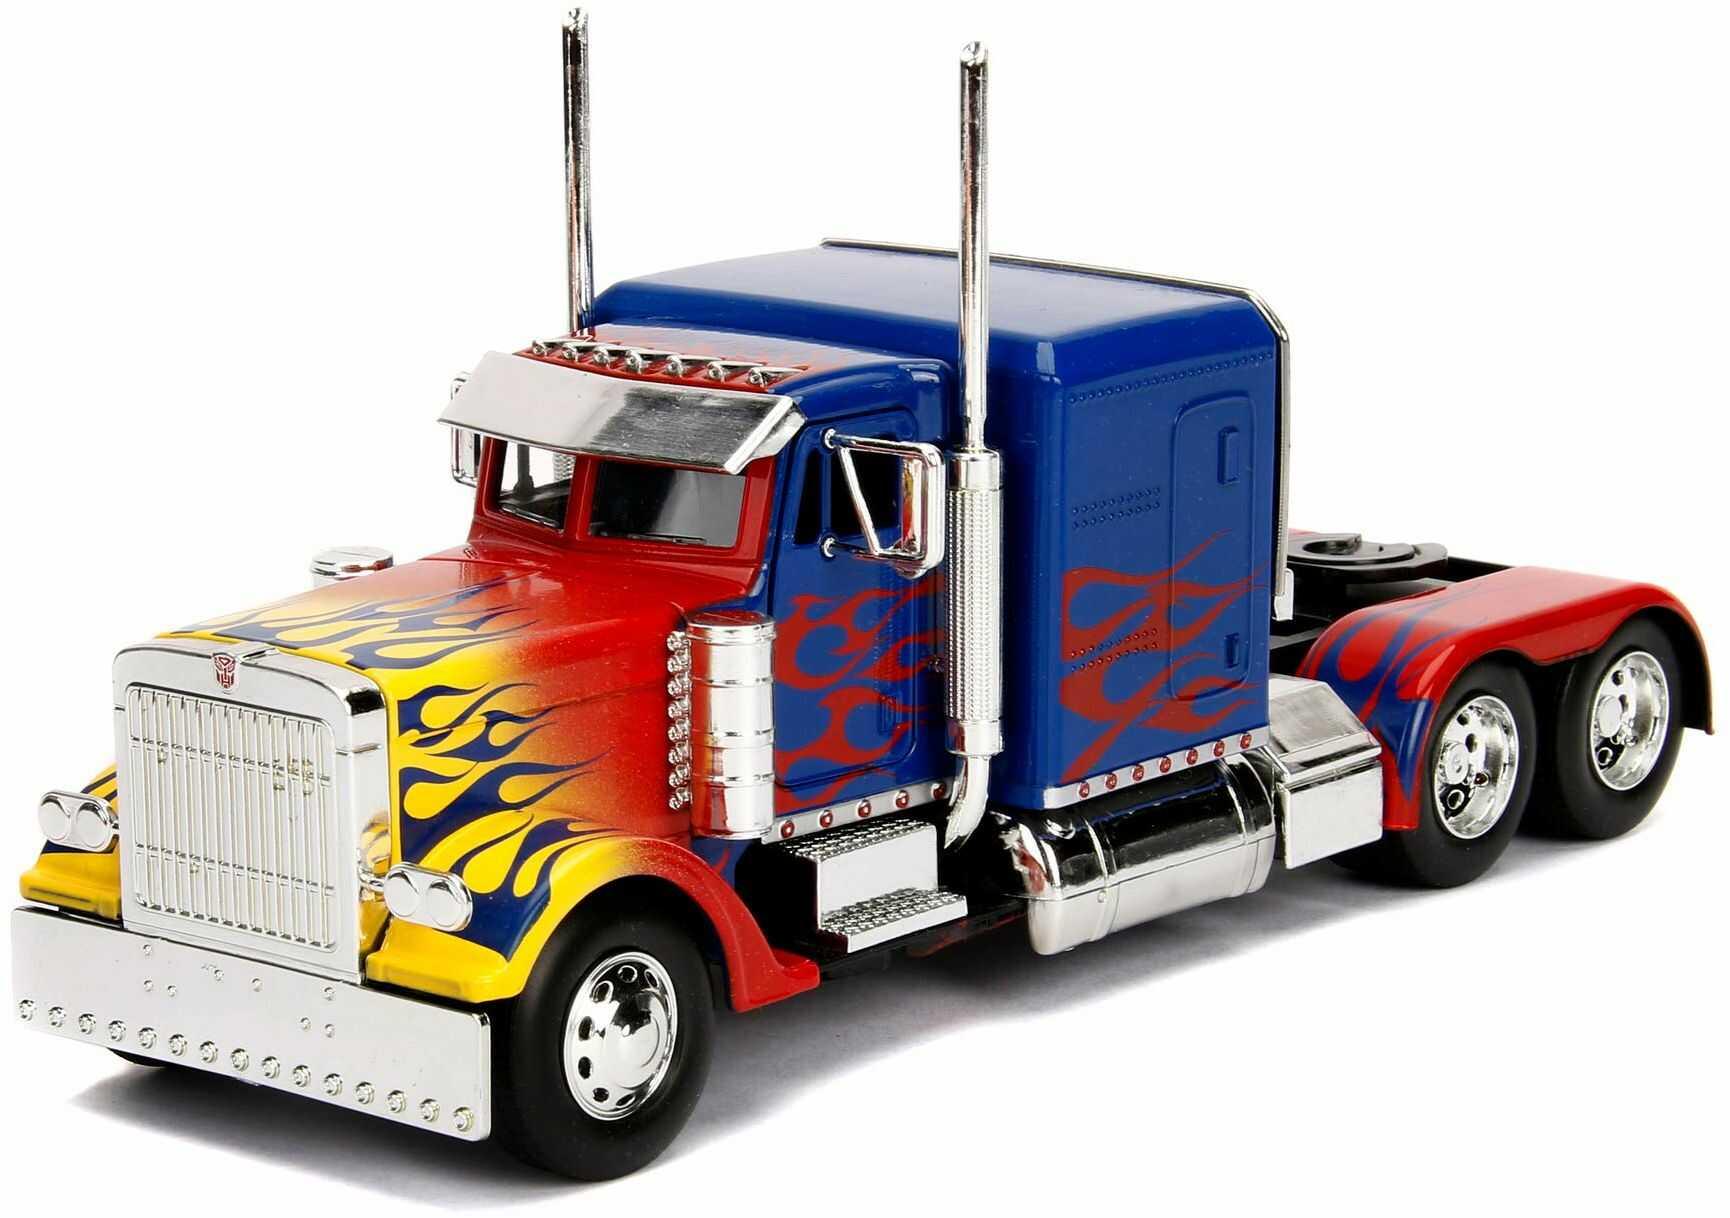 Jada Toys Transformers T1 Optimus Prime, zabawkowy samochód z Die-cast, samochód, skala 1:24, niebieski/czerwony